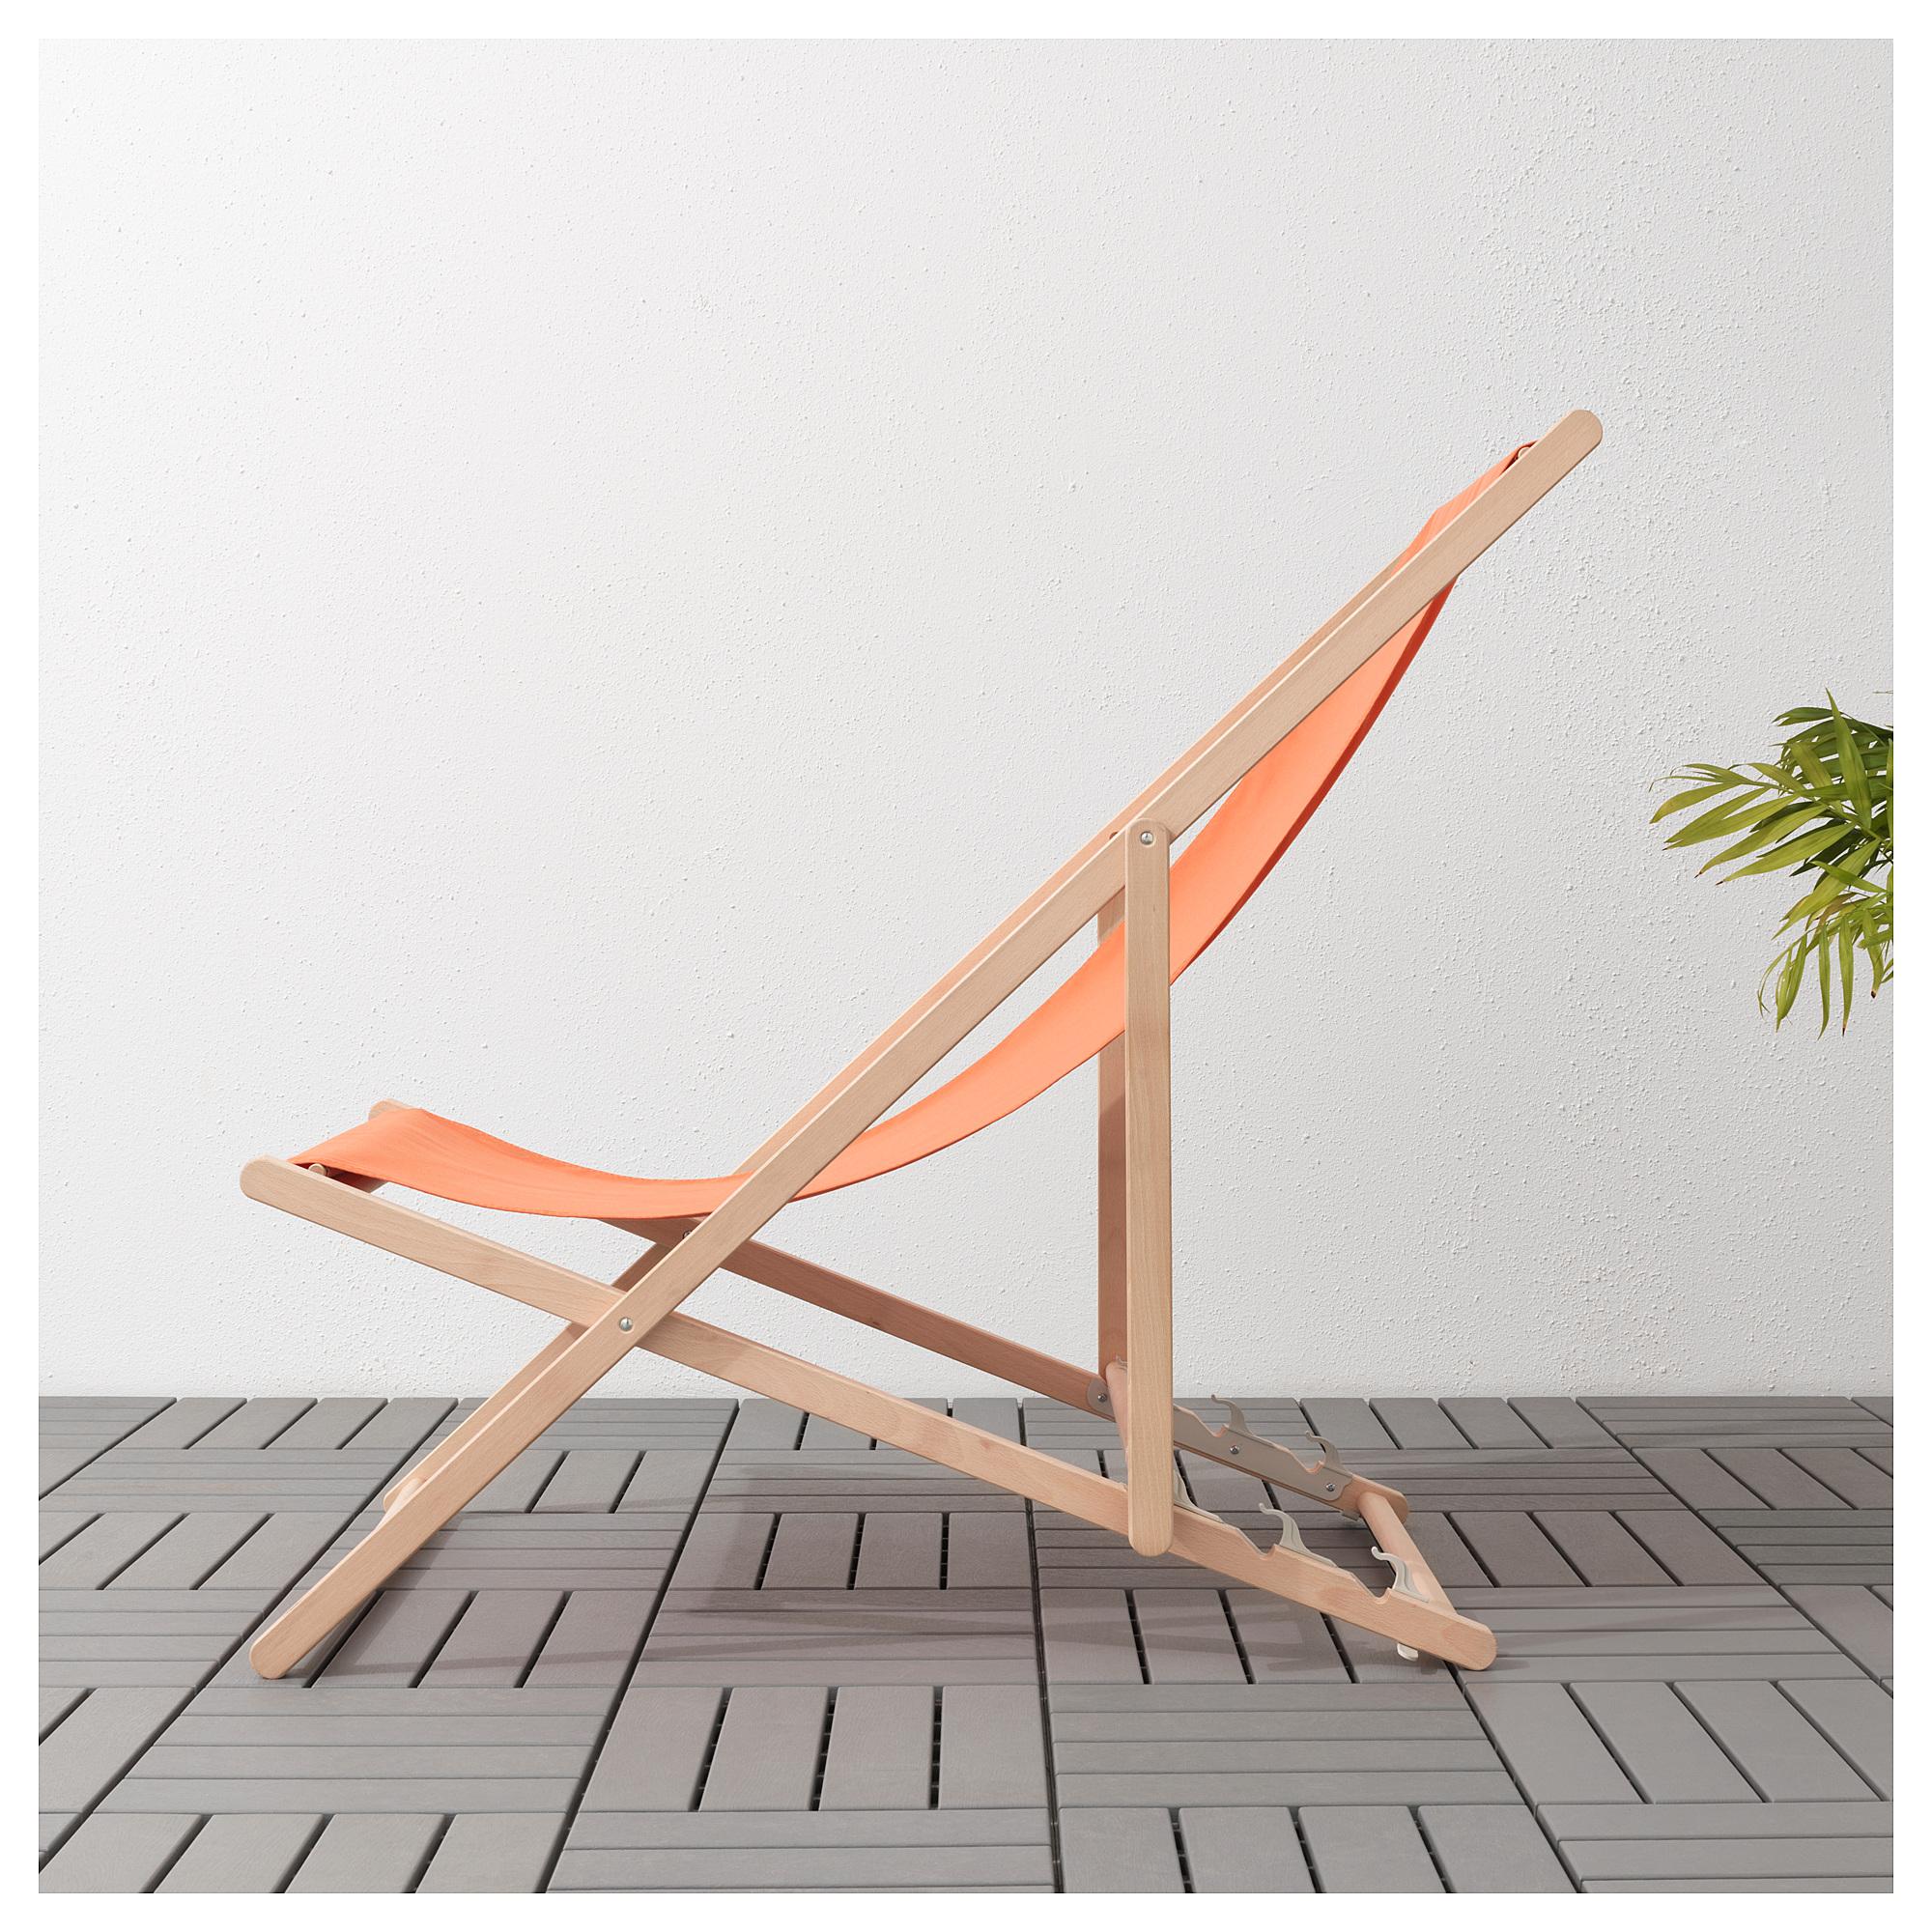 Пляжный стул МЮСИНГСО артикуль № 603.895.21 в наличии. Онлайн каталог ИКЕА Минск. Быстрая доставка и установка.